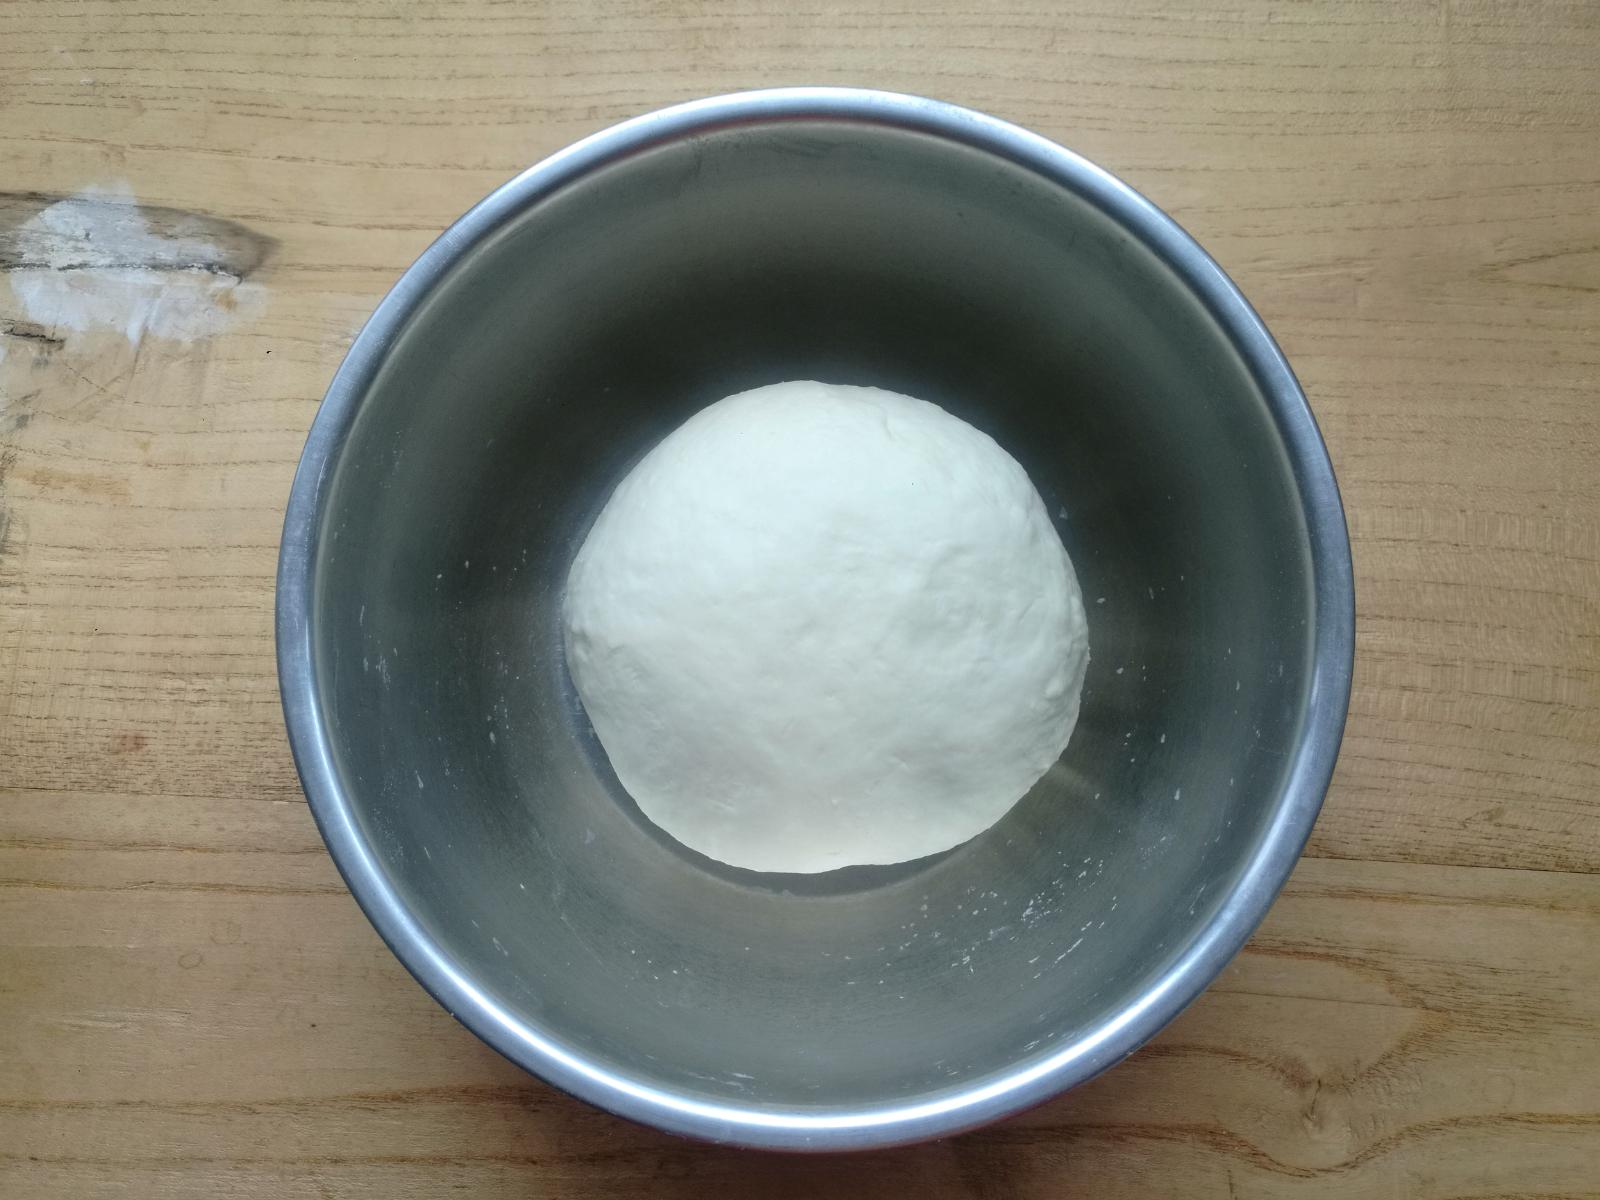 这烧饼一出锅就太香了,没忍住一口气吃了2个,越吃越香上瘾